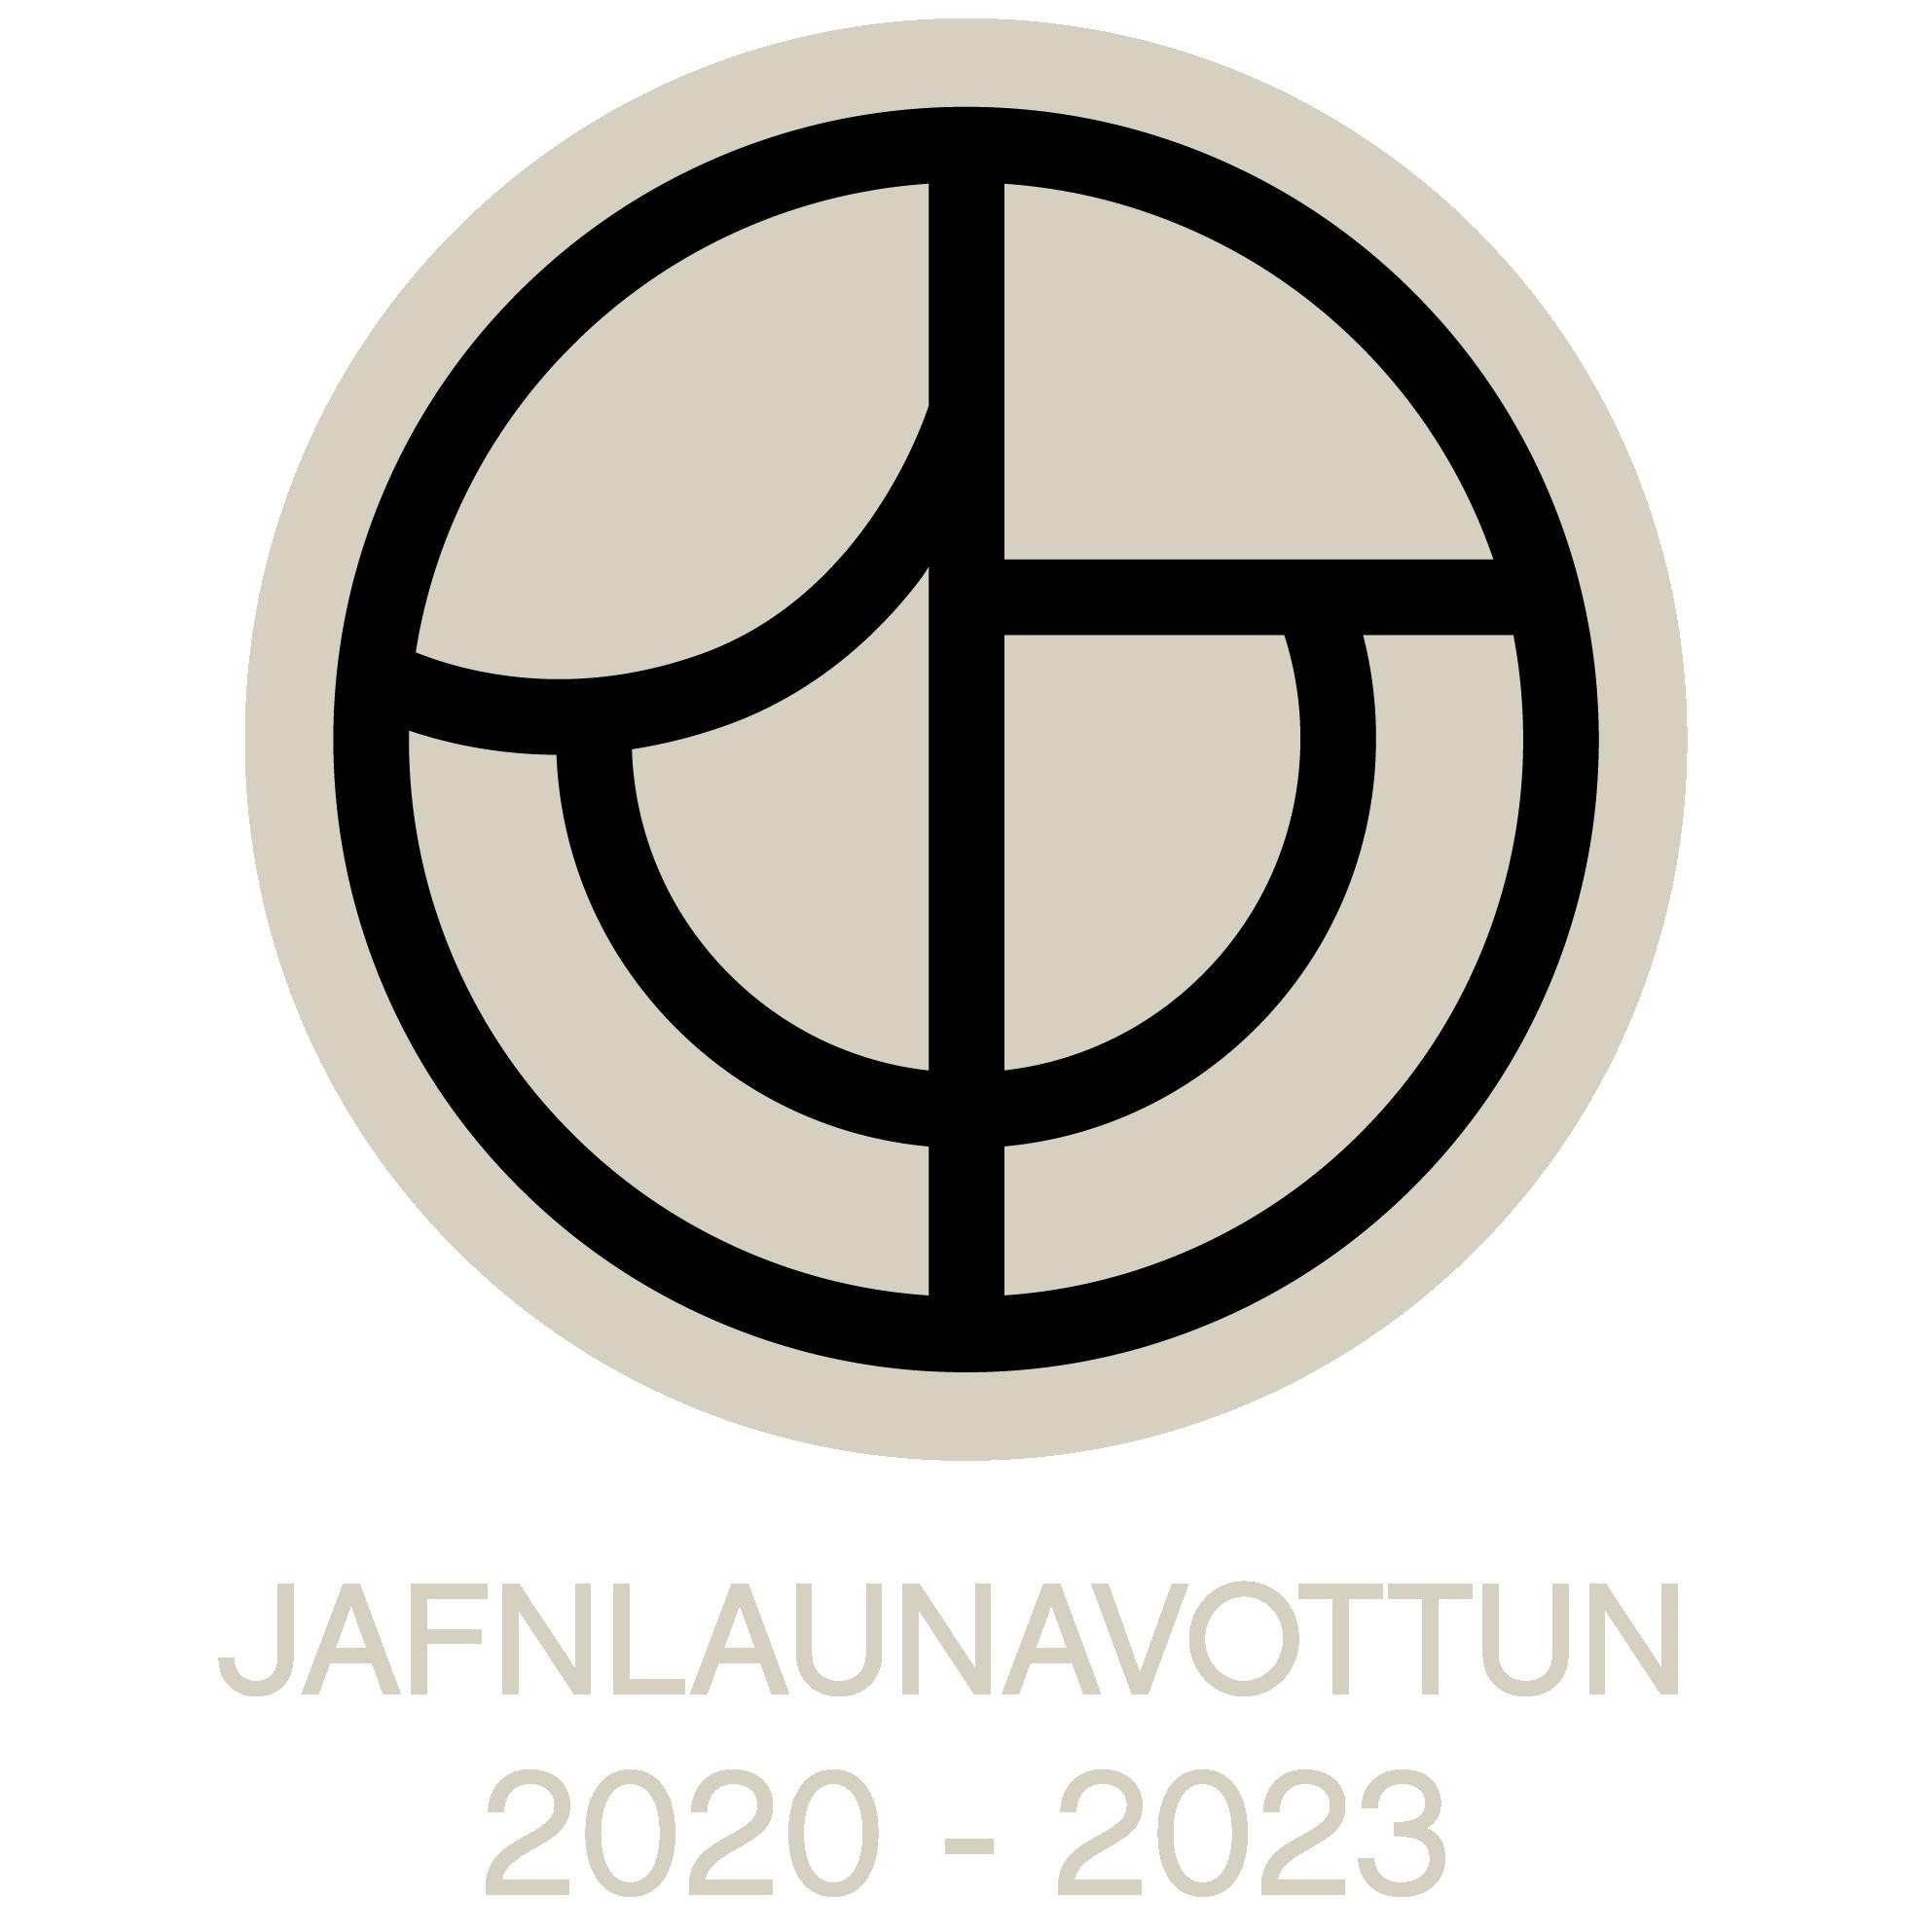 Jafnlaunavottun 2020-2023 merki